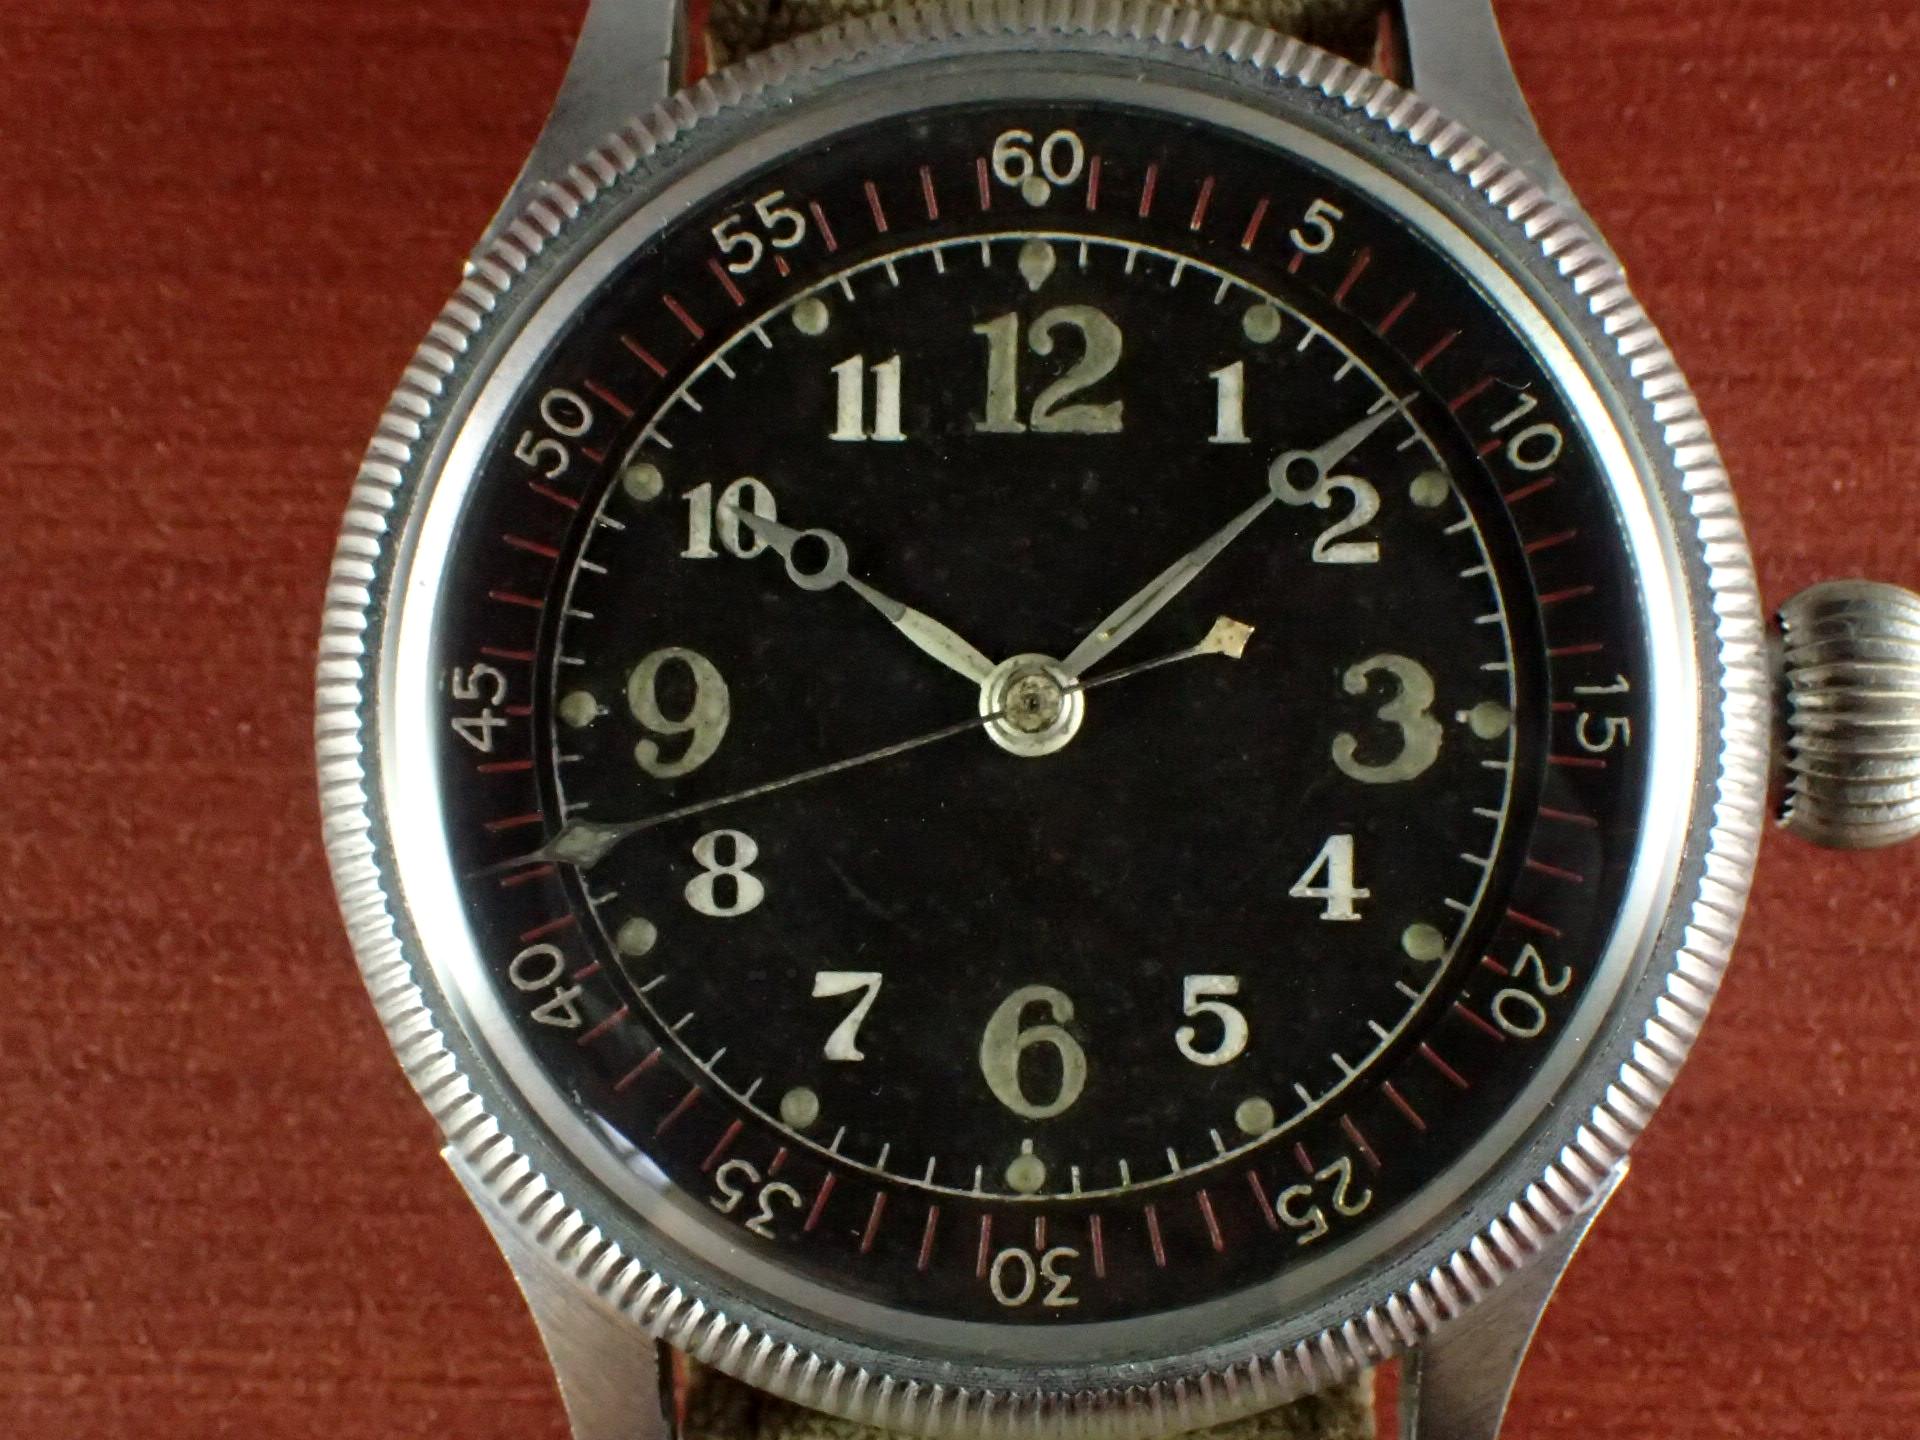 精工舎 旧日本海軍航空隊 天測時計 太平洋戦争 1940年代の写真2枚目